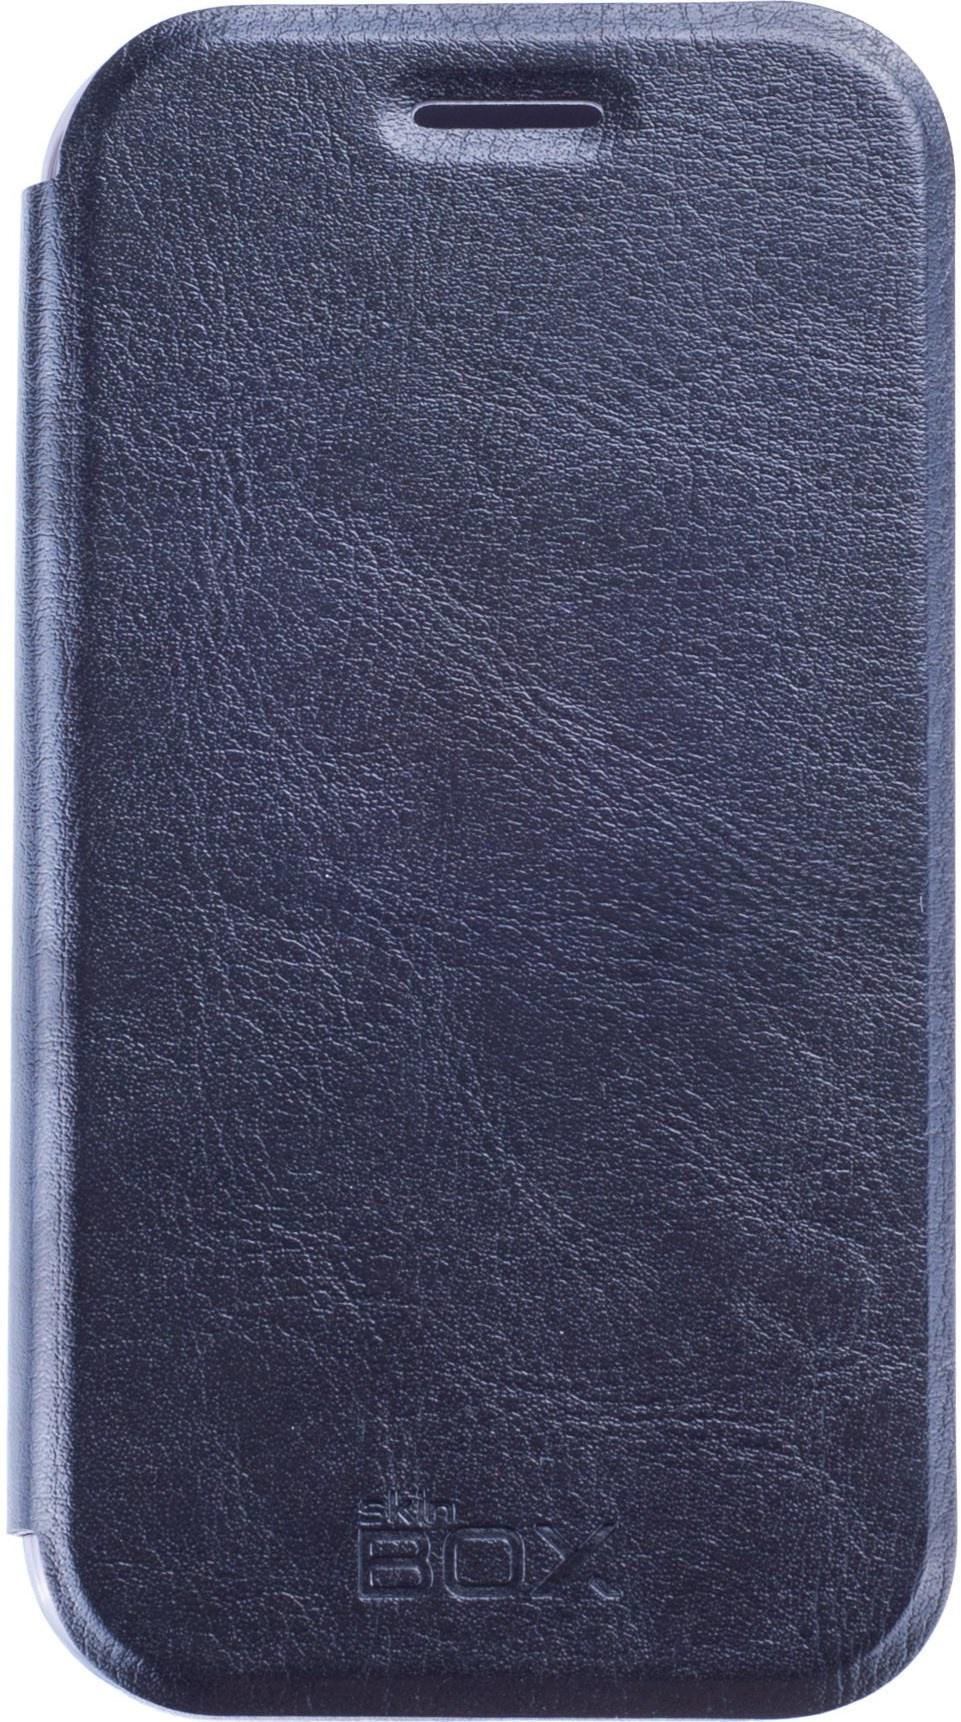 Чехол для сотового телефона skinBOX Lux, 4660041406764, черный все цены